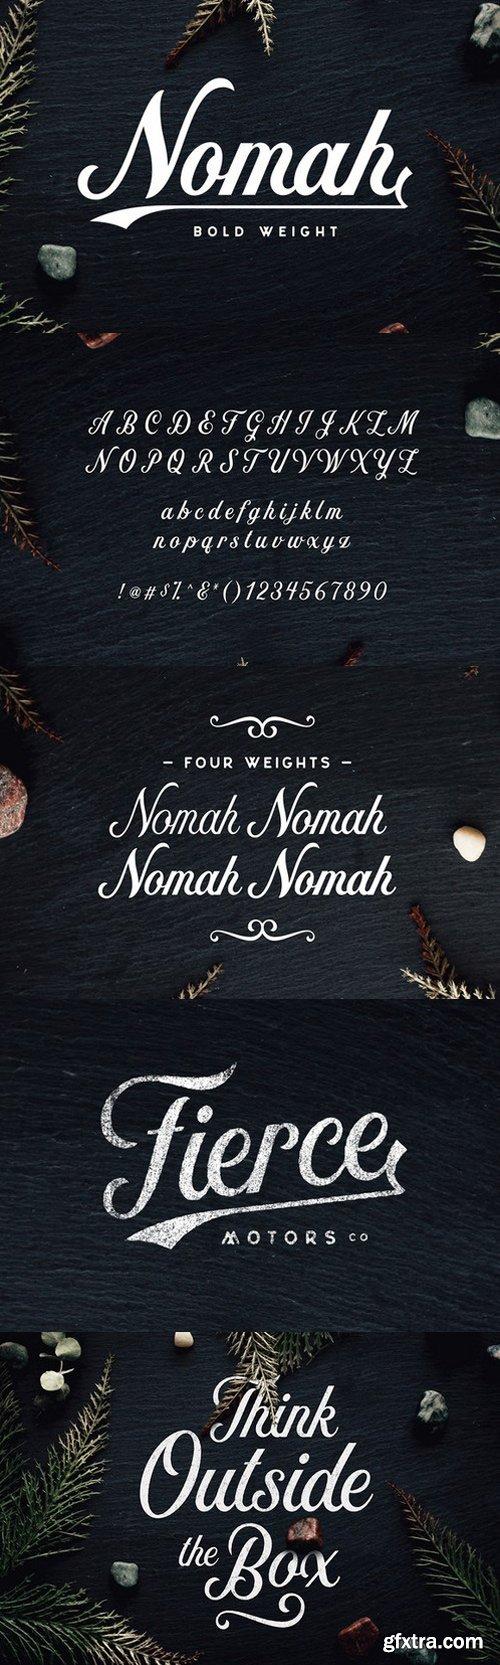 CM - Nomah Bold Script Font 566255